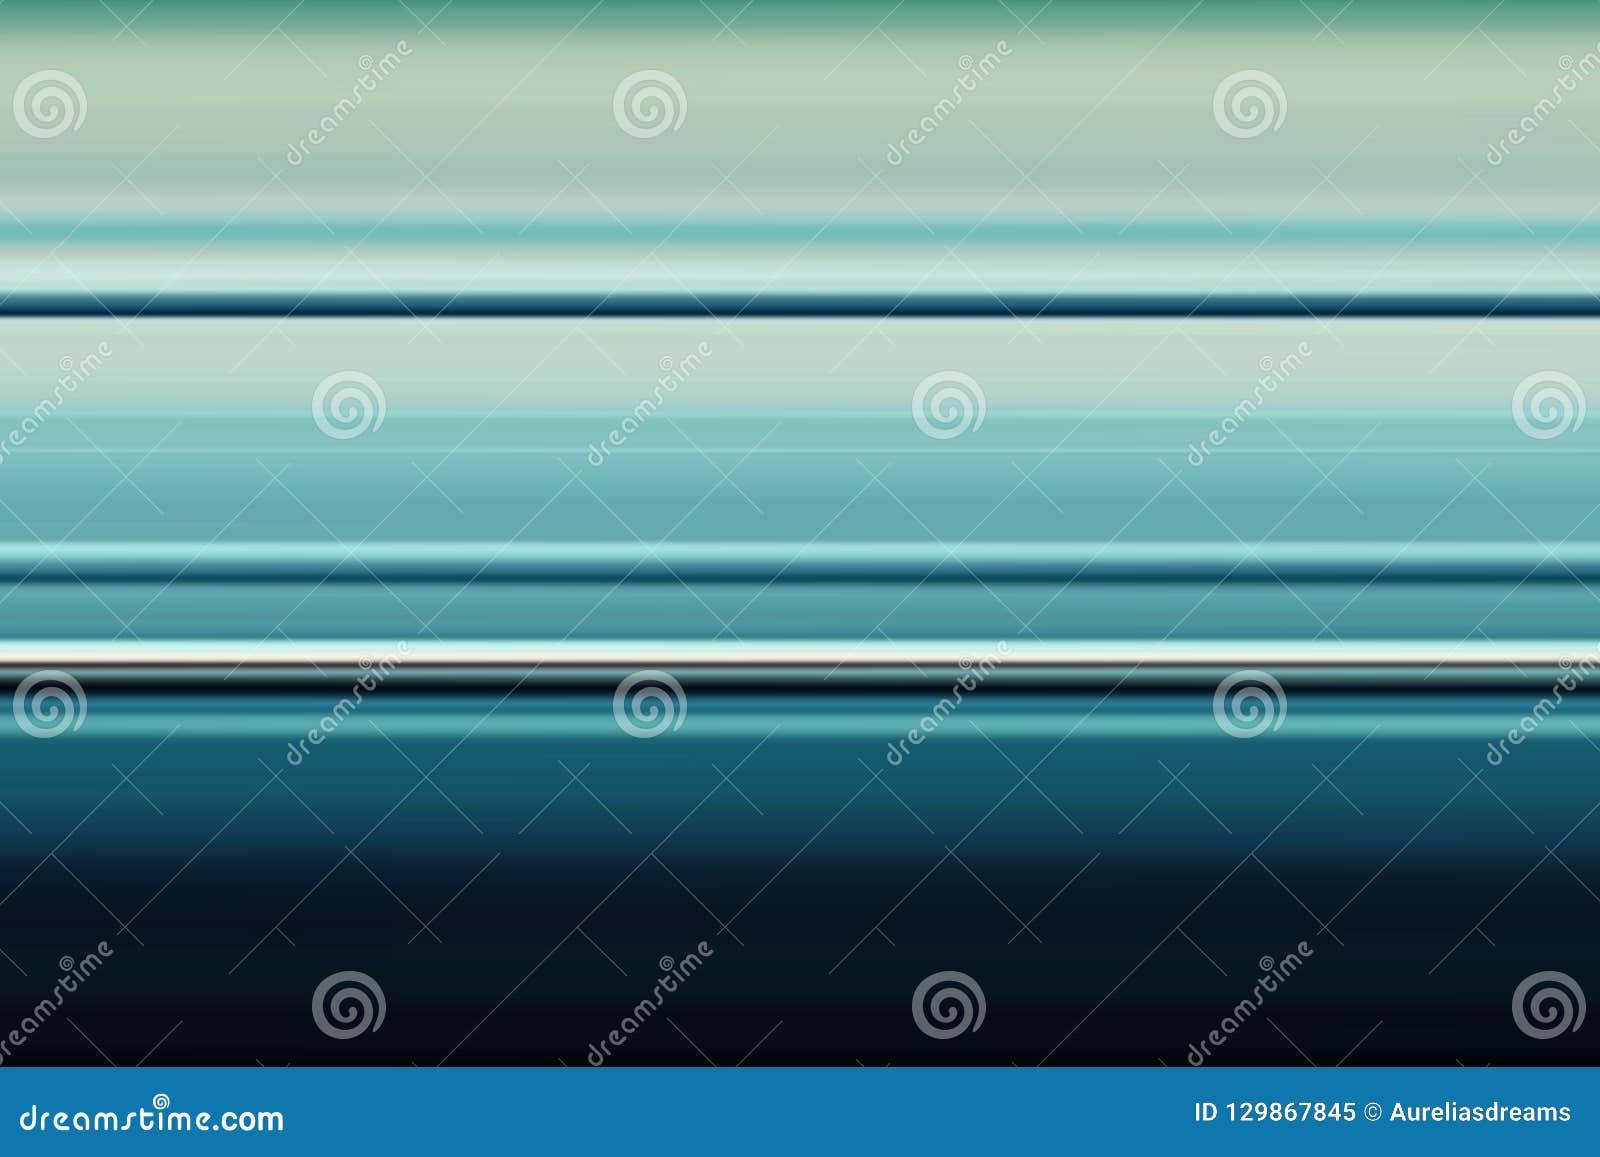 Linhas horizontais brilhantes fundo do sumário olorful do ¡ de Ð, textura em tons azuis